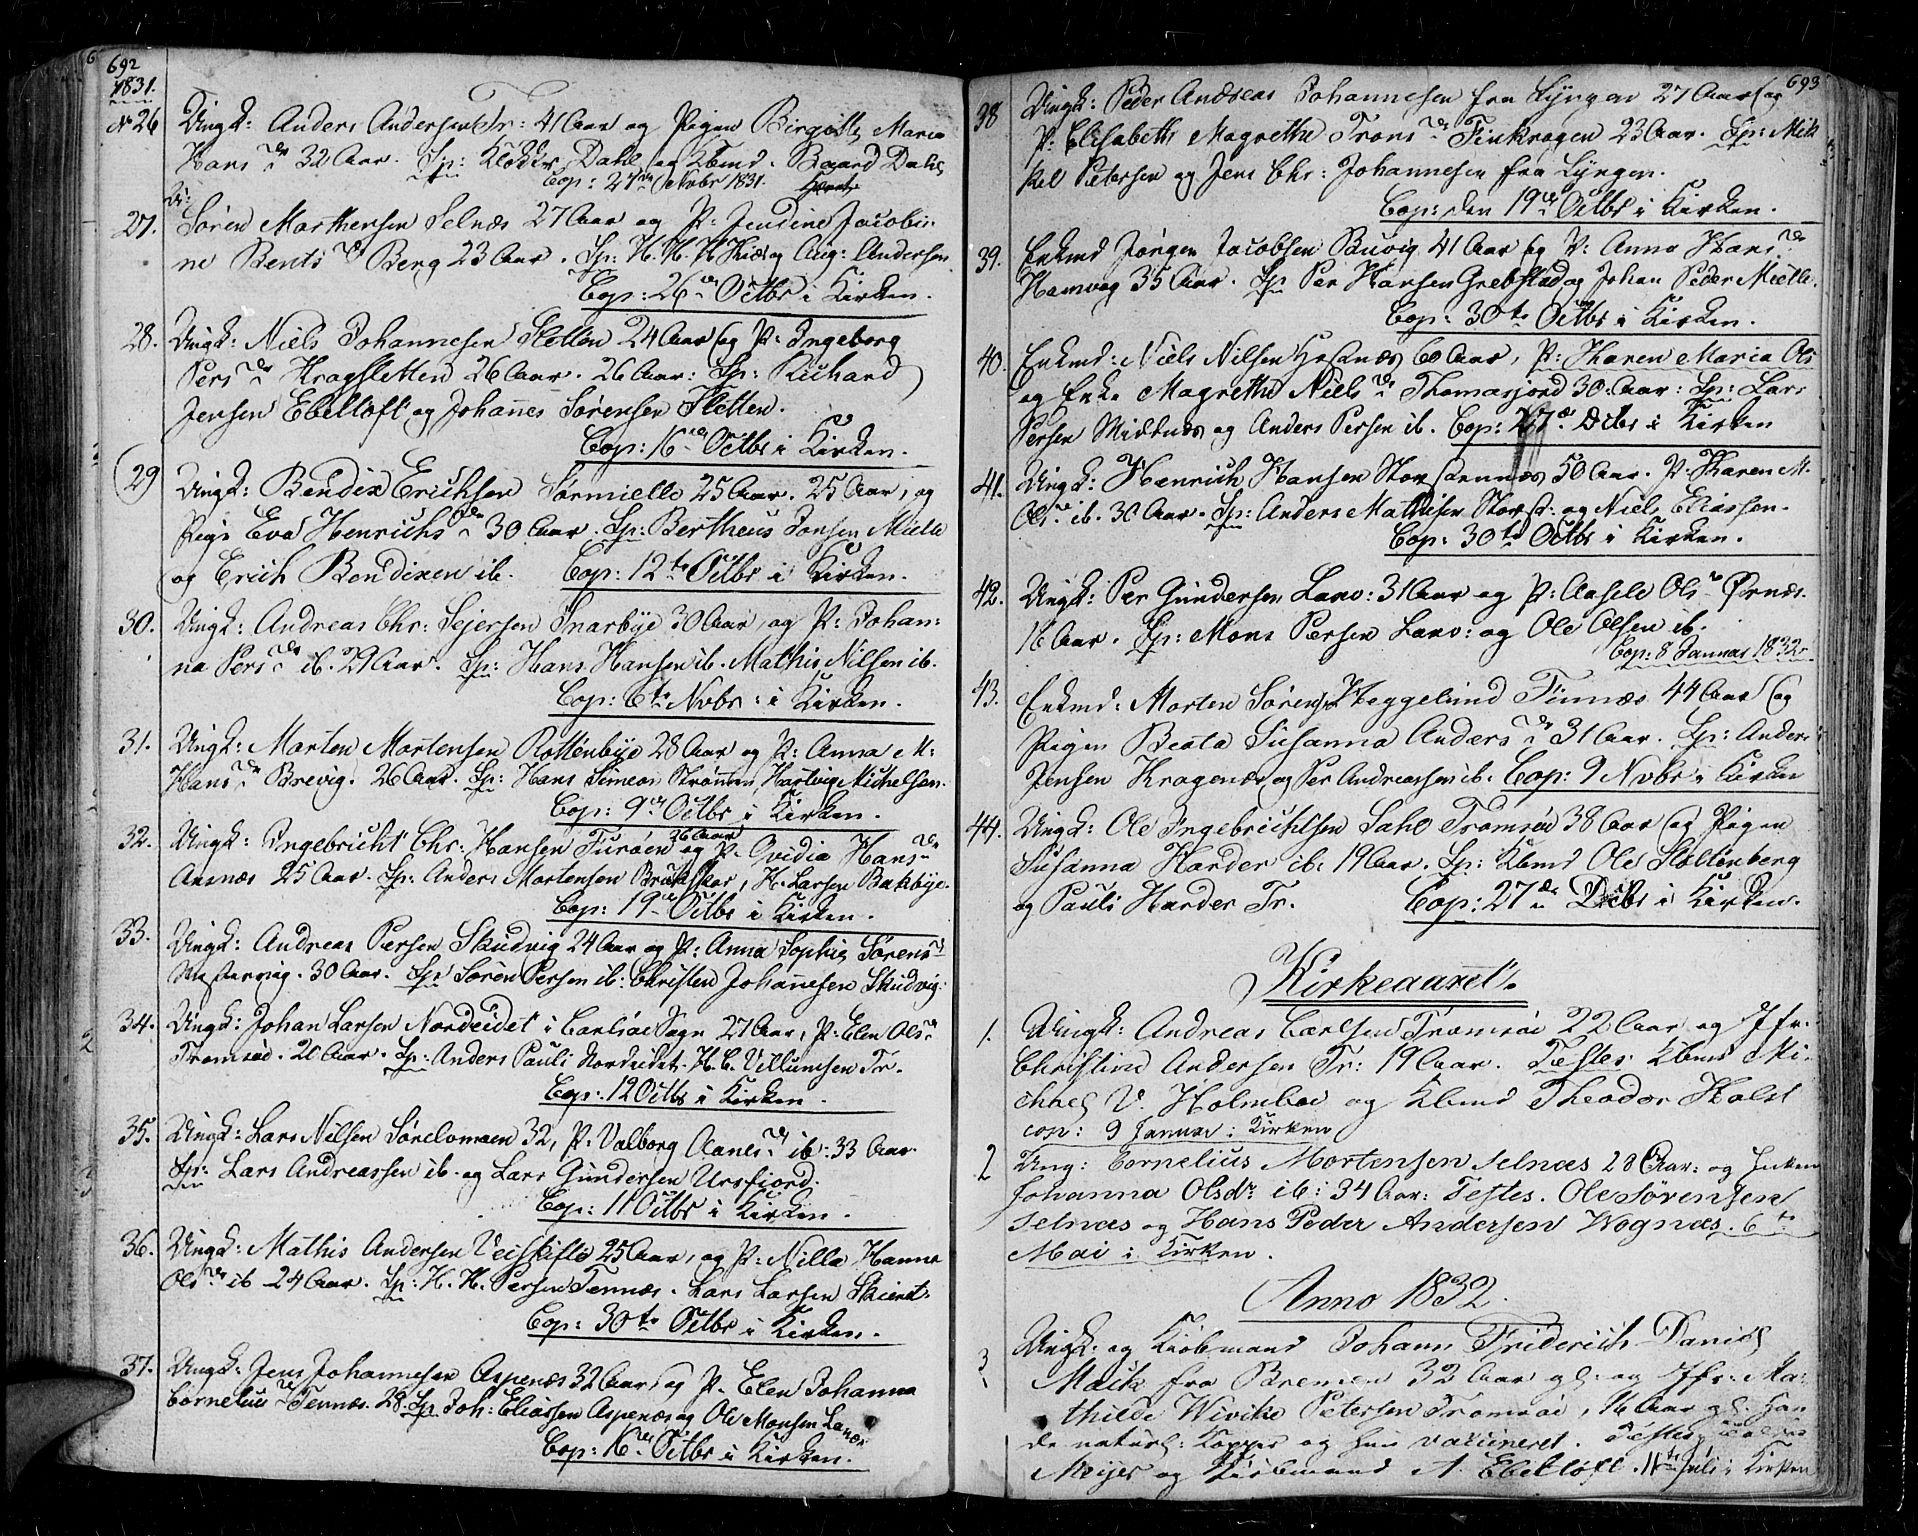 SATØ, Tromsø sokneprestkontor/stiftsprosti/domprosti, G/Ga/L0008kirke: Ministerialbok nr. 8, 1829-1837, s. 692-693